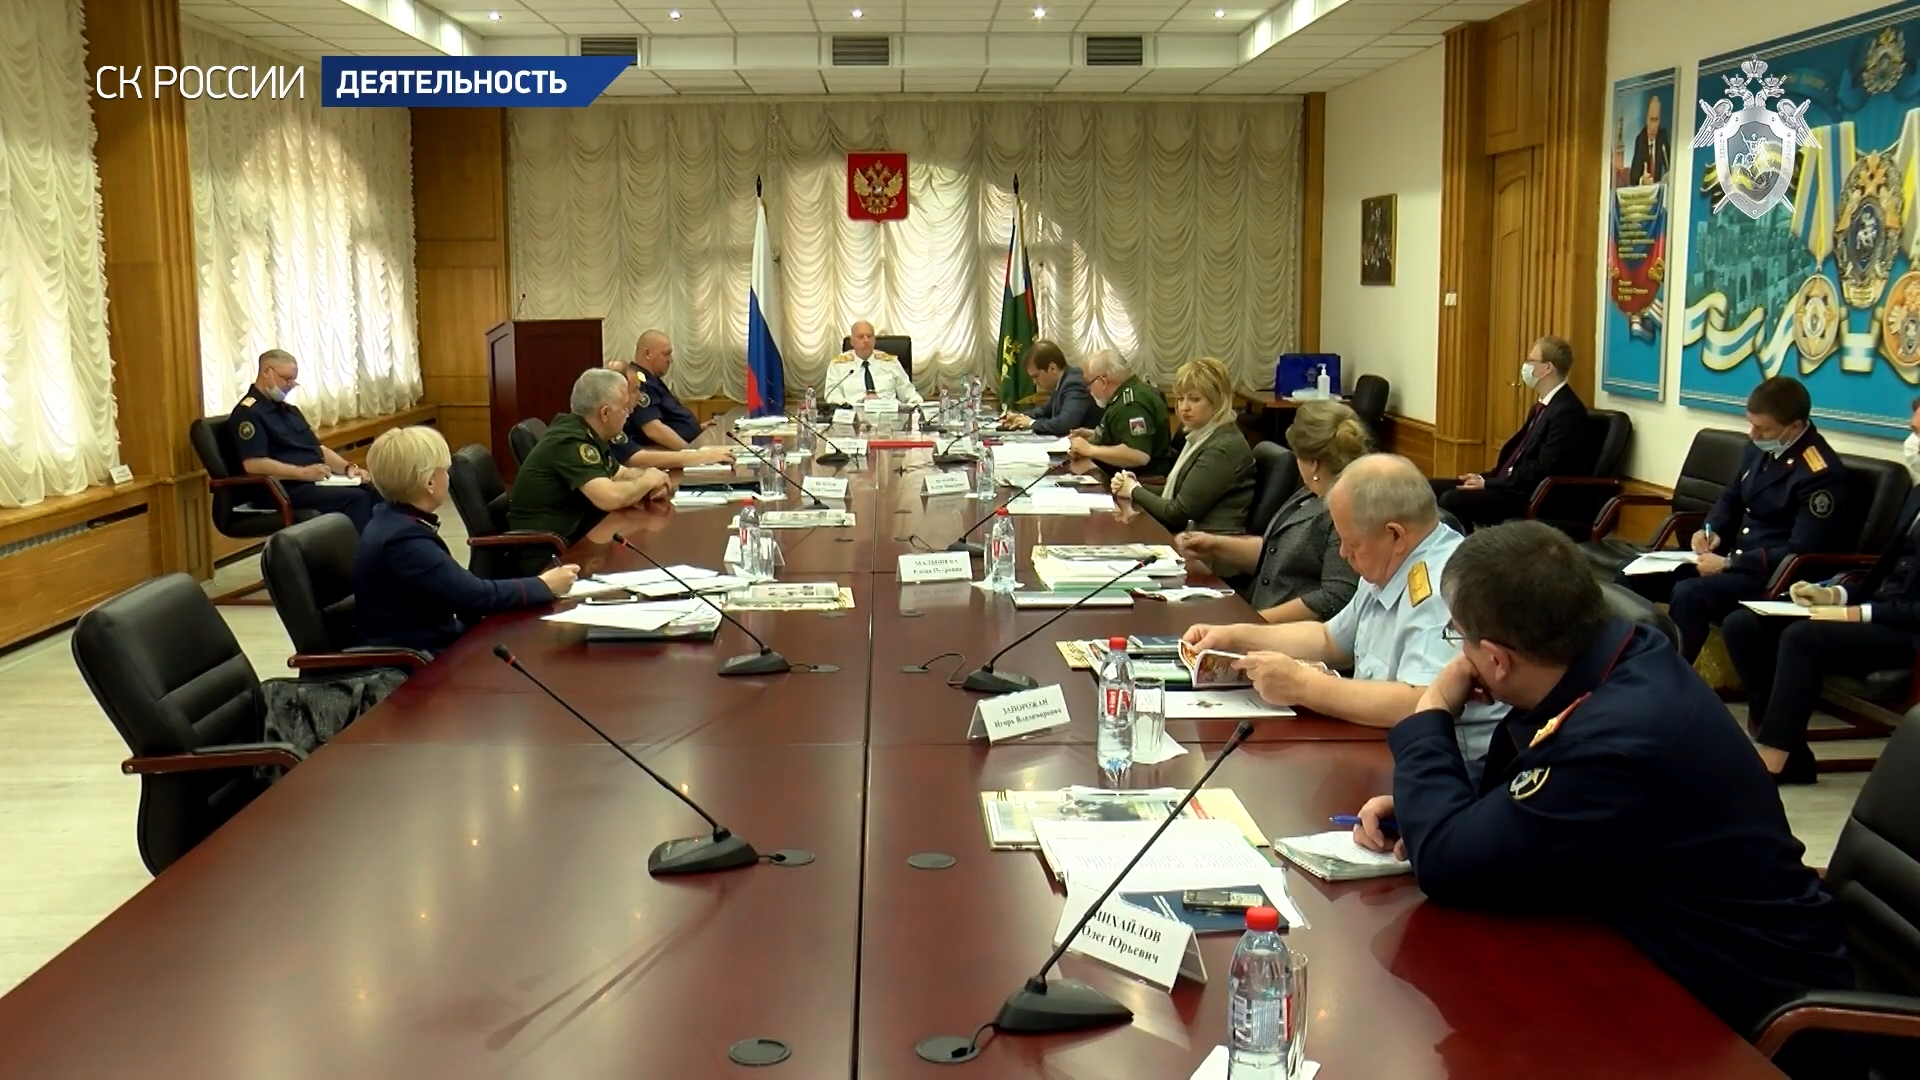 20200702-Состоялось первое заседание штаба по координации поисковой и архивной работы СК России-pic08